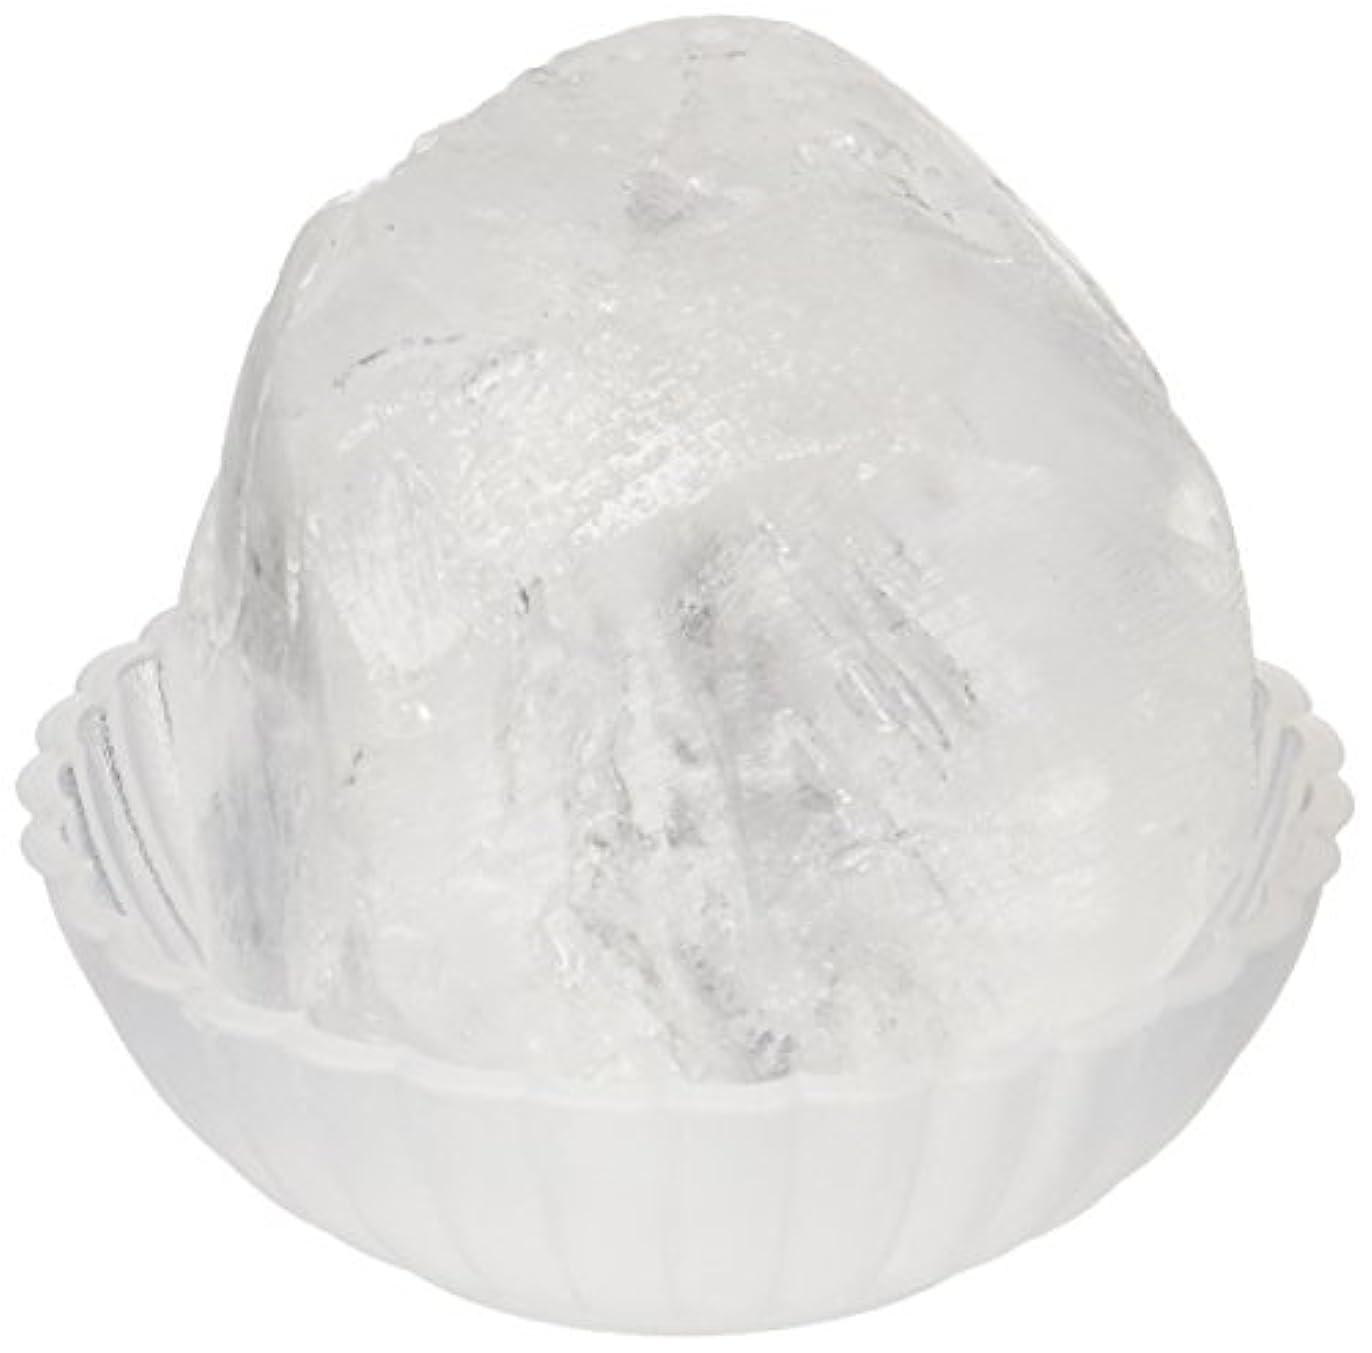 家庭最愛の楕円形クリスタルボディデオドラント ボール タイプ お得サイズ140g - アルム石(みょうばん)のデオドラント